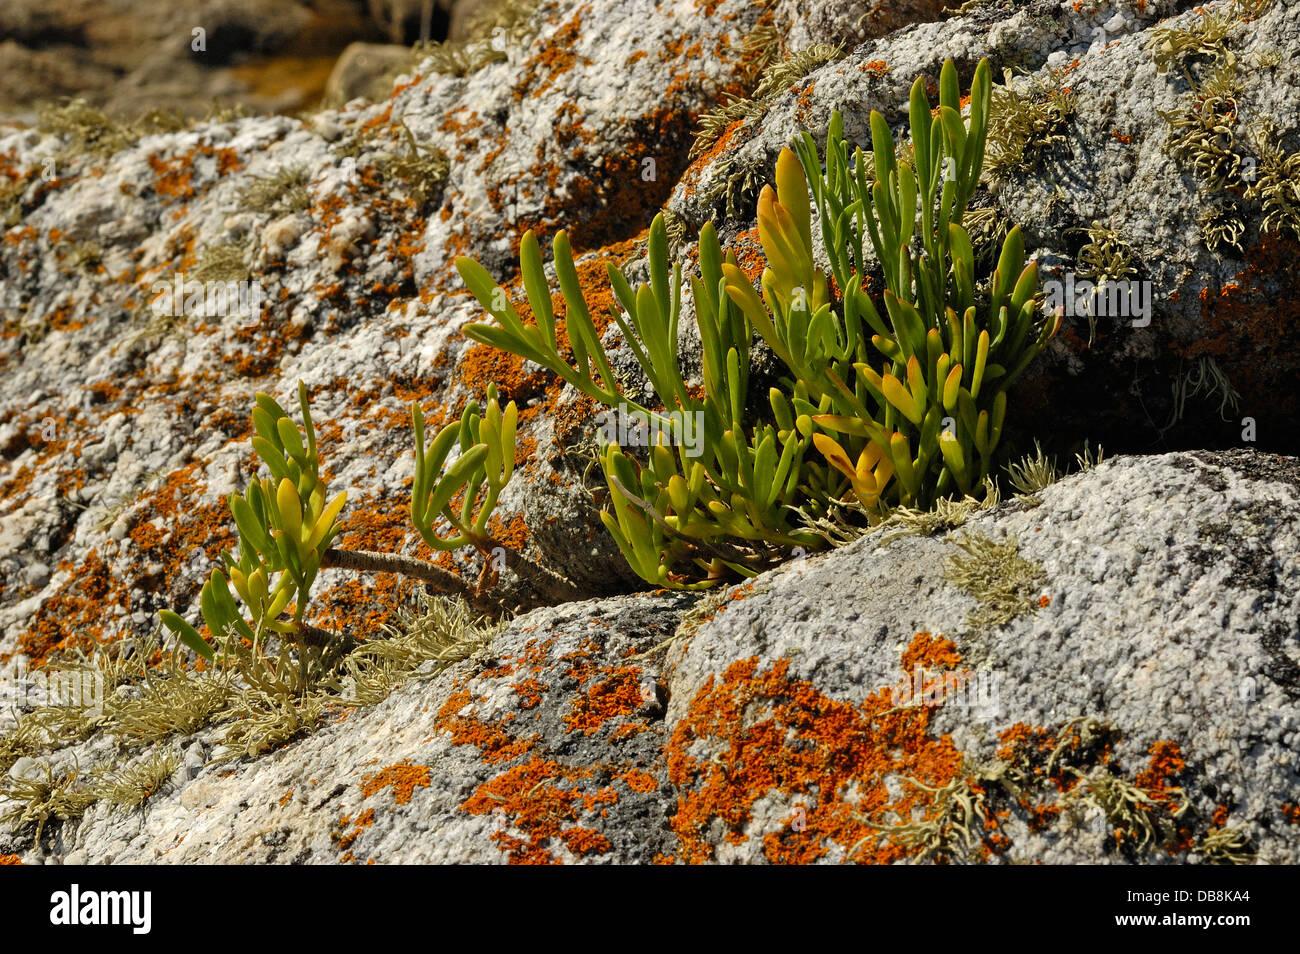 Sea Fennel (Crithmum maritimum) and Marine lichens - Stock Image